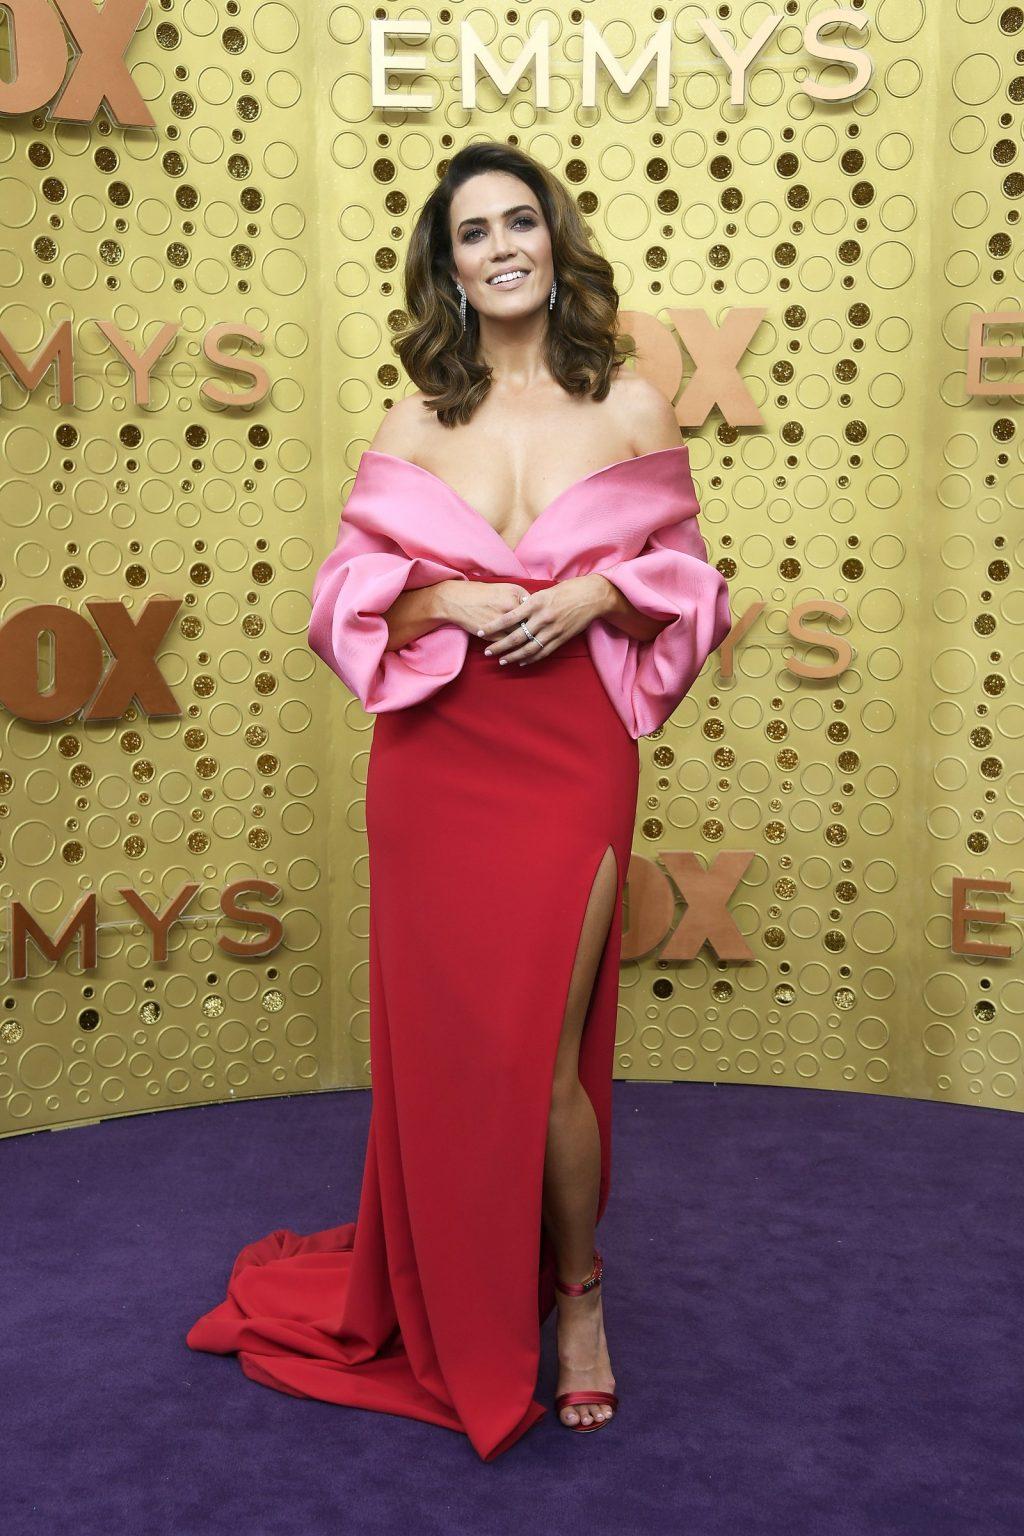 Mandy Moore được đề cử cho giải nữ diễn chính tại lễ trao giải Emmy 2019. Nữ diễn viên xuất hiện trong thiết kế đầm trễ vai từ Brandon Maxwell.